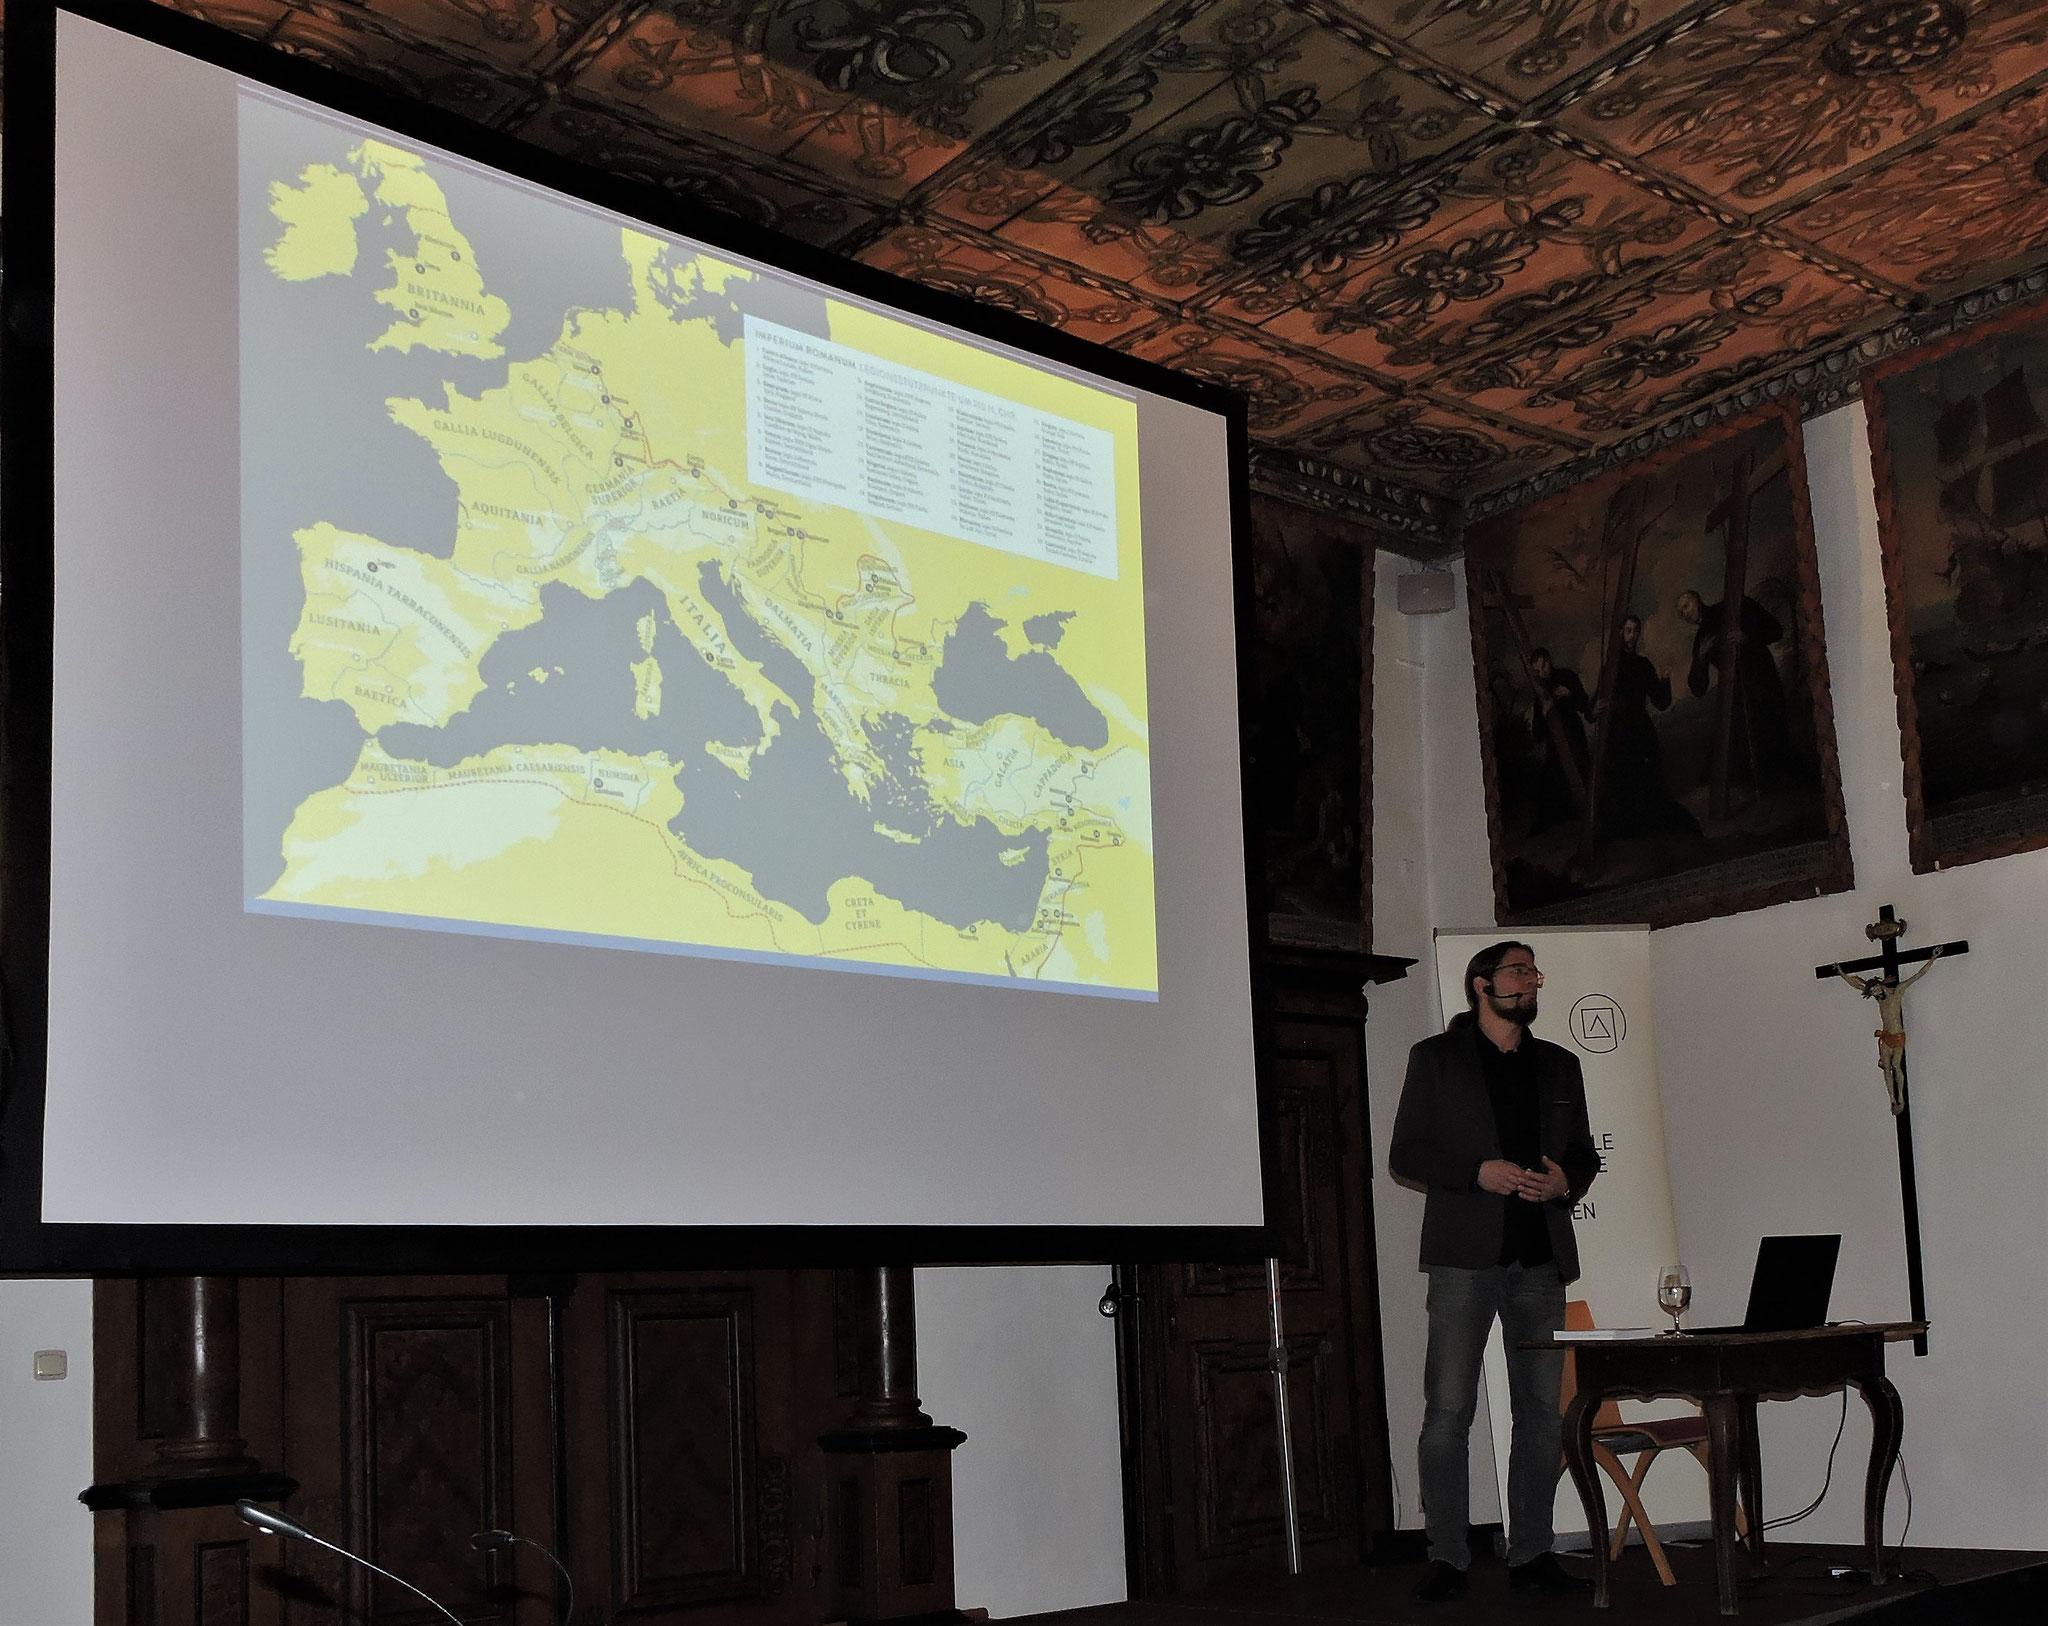 Dr. Traxler nahm uns mit auf eine Reise von den Grenzen des römischen Reichs ... ©B. Bichler